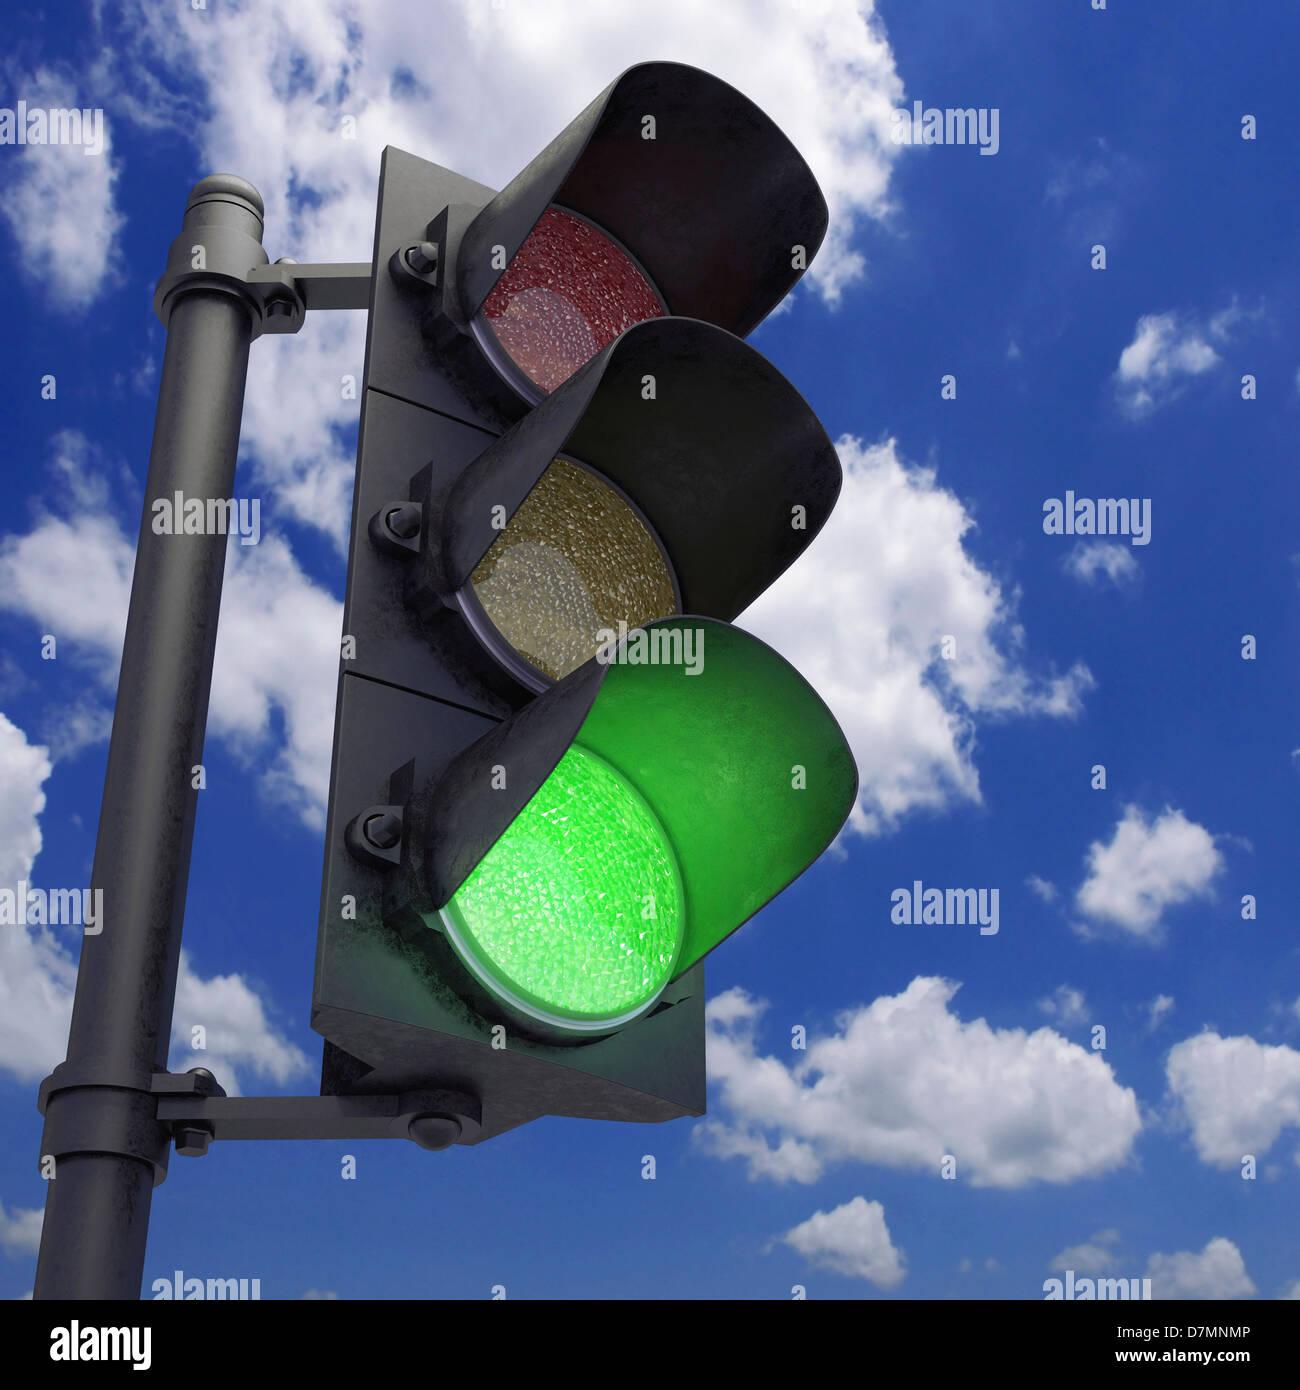 Green traffic light, artwork - Stock Image